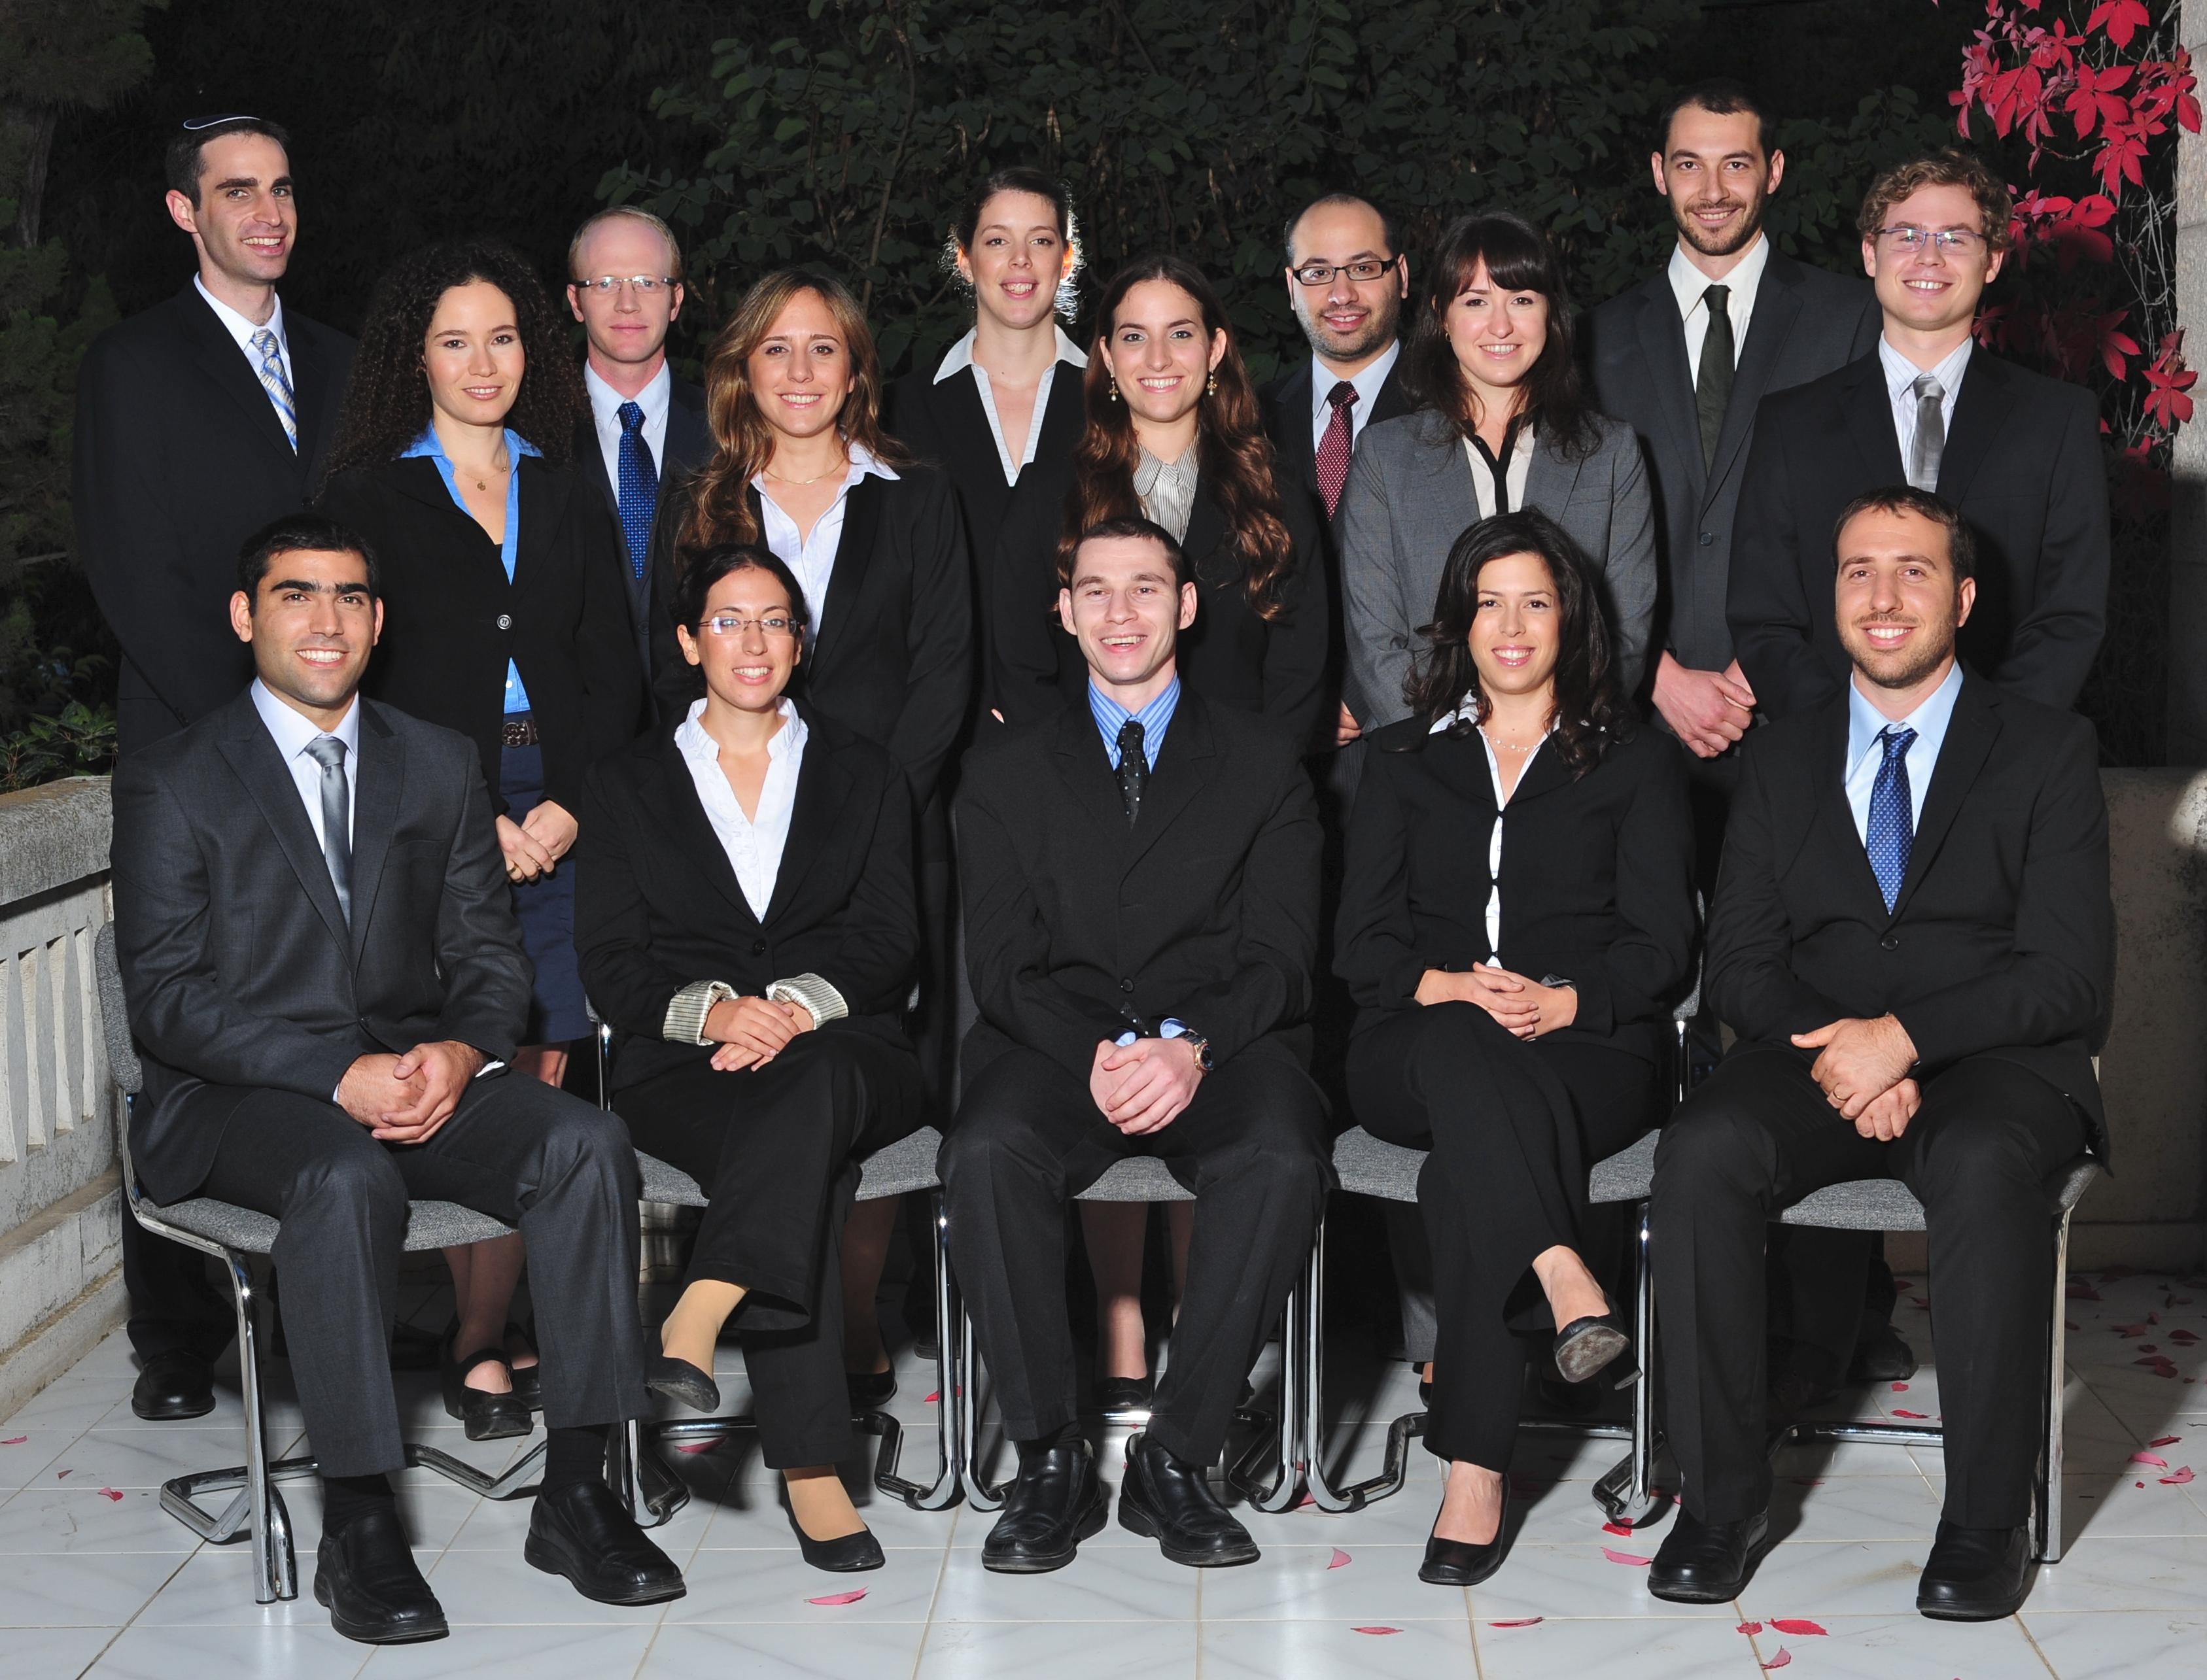 Fellow class of 2011-2012